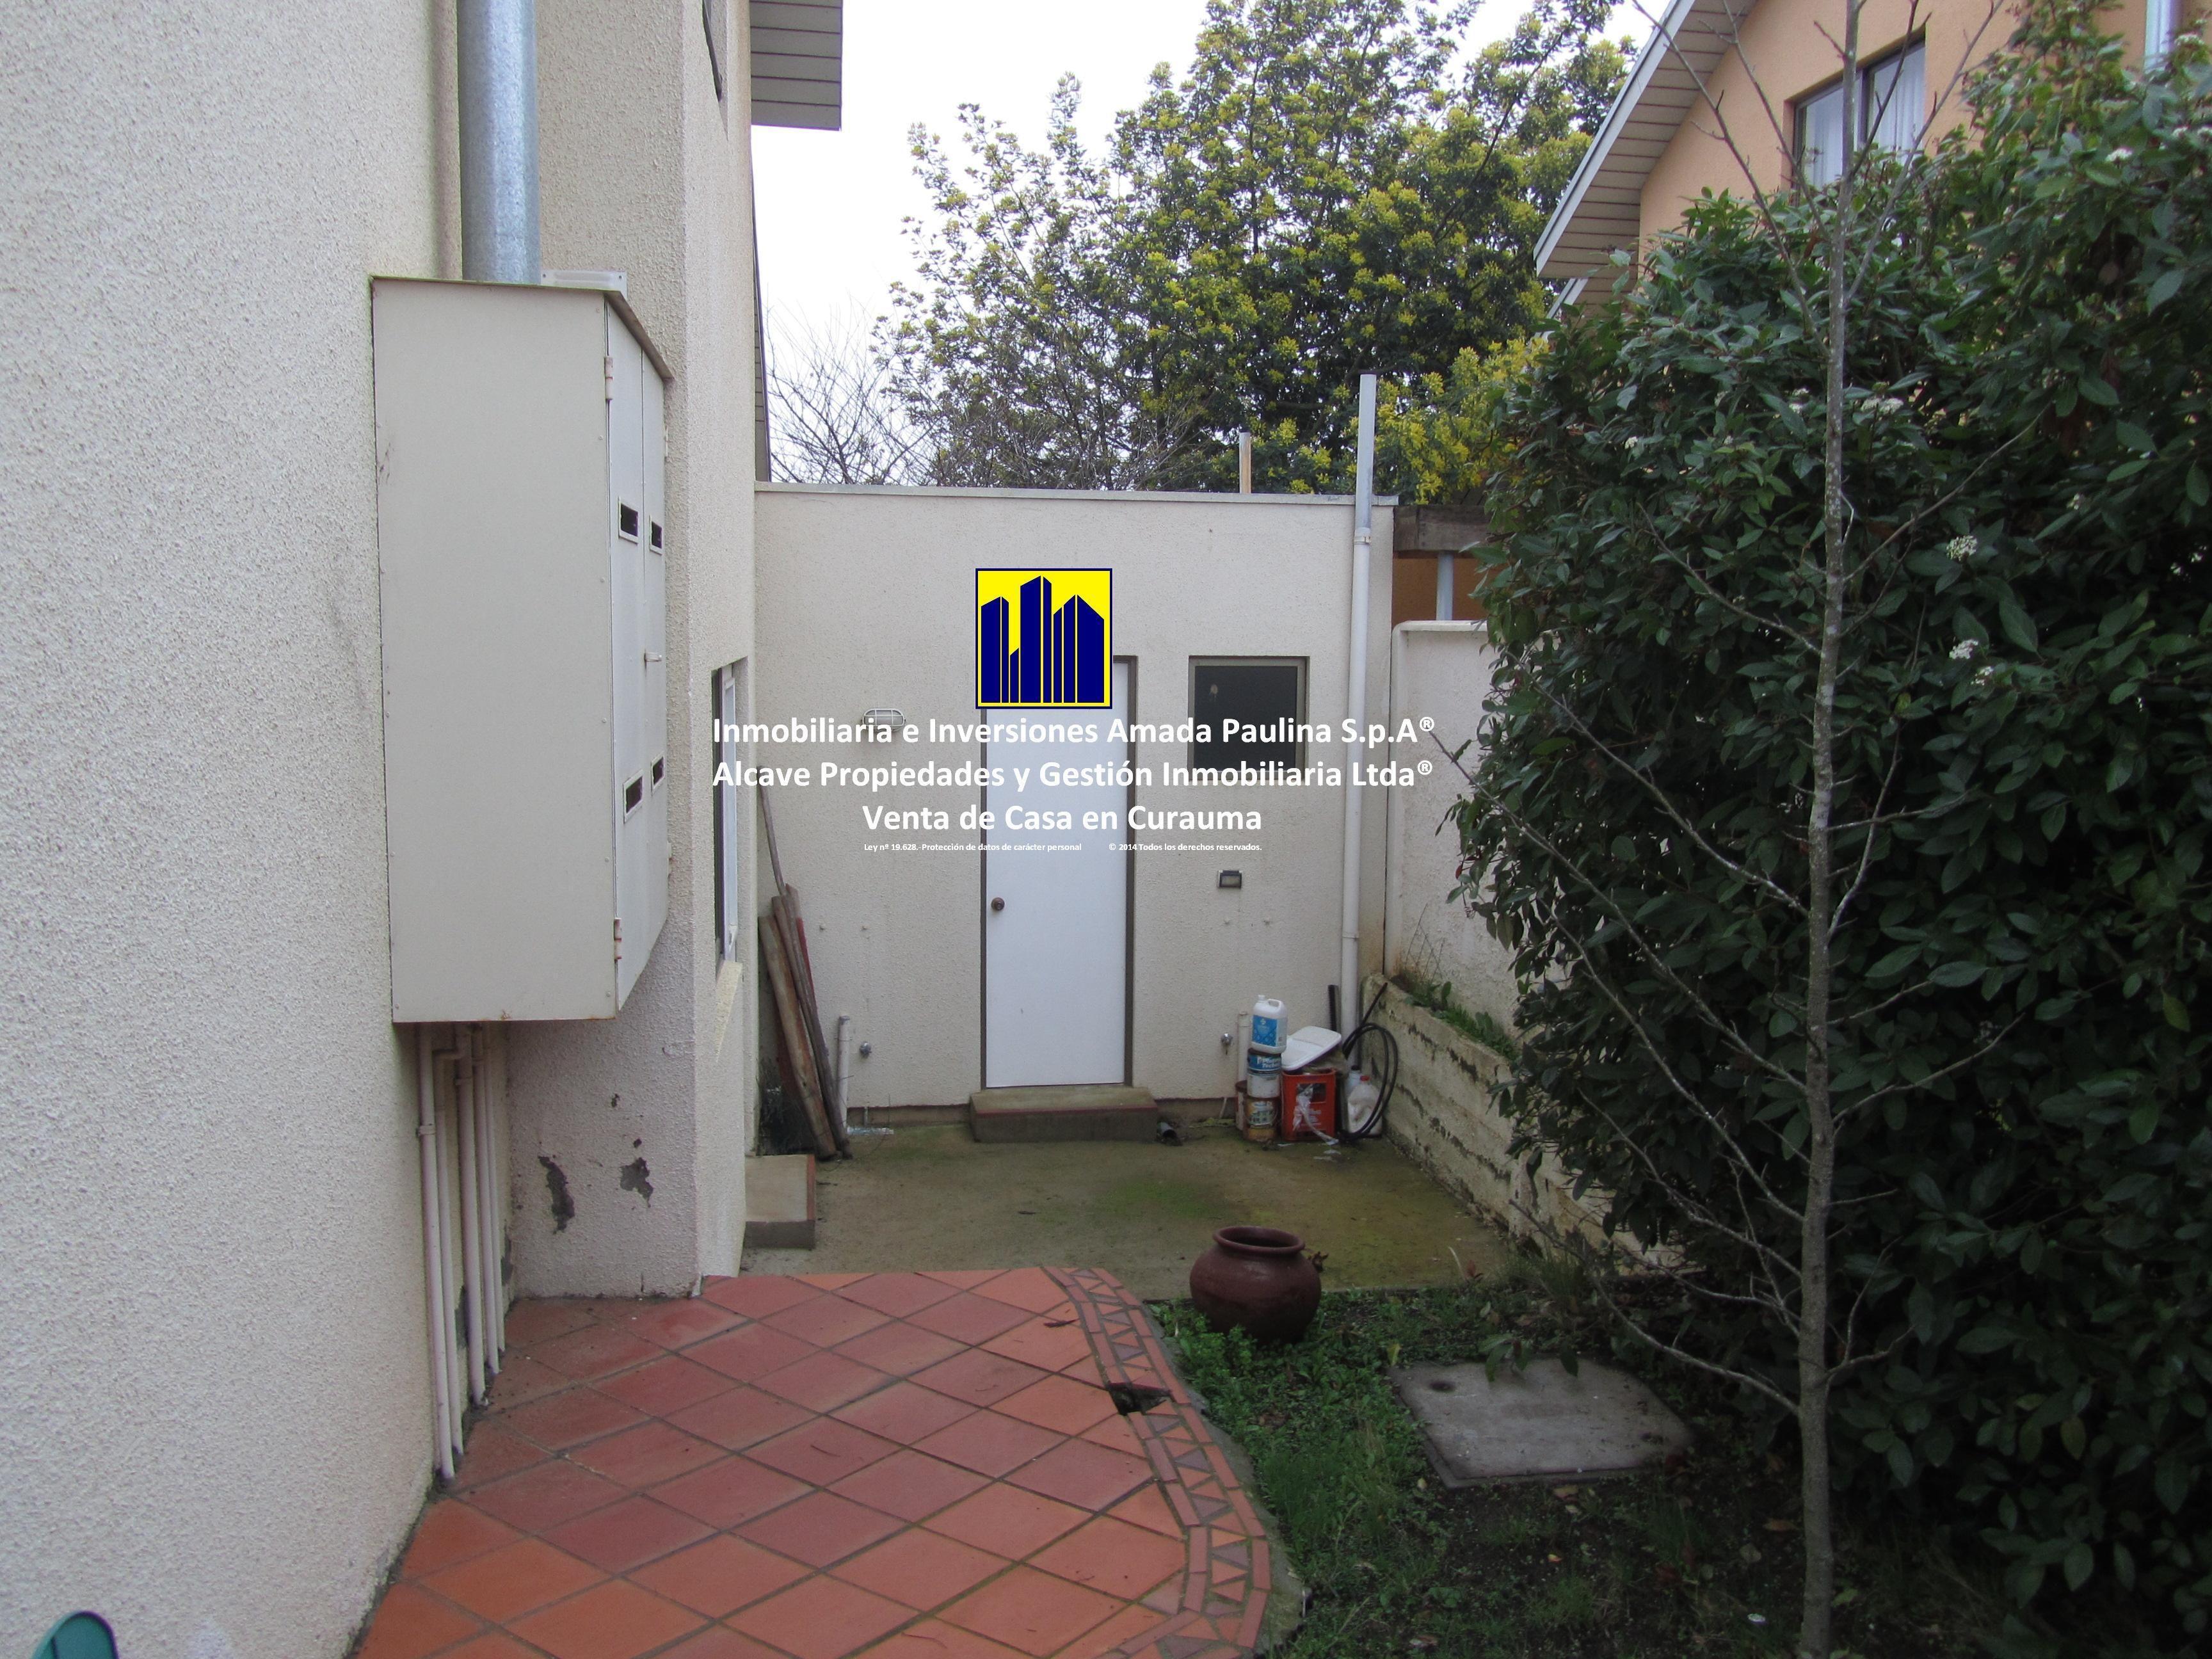 14.Imobiliaria e Inversiones Amada Paulina S.p.A® Alcave